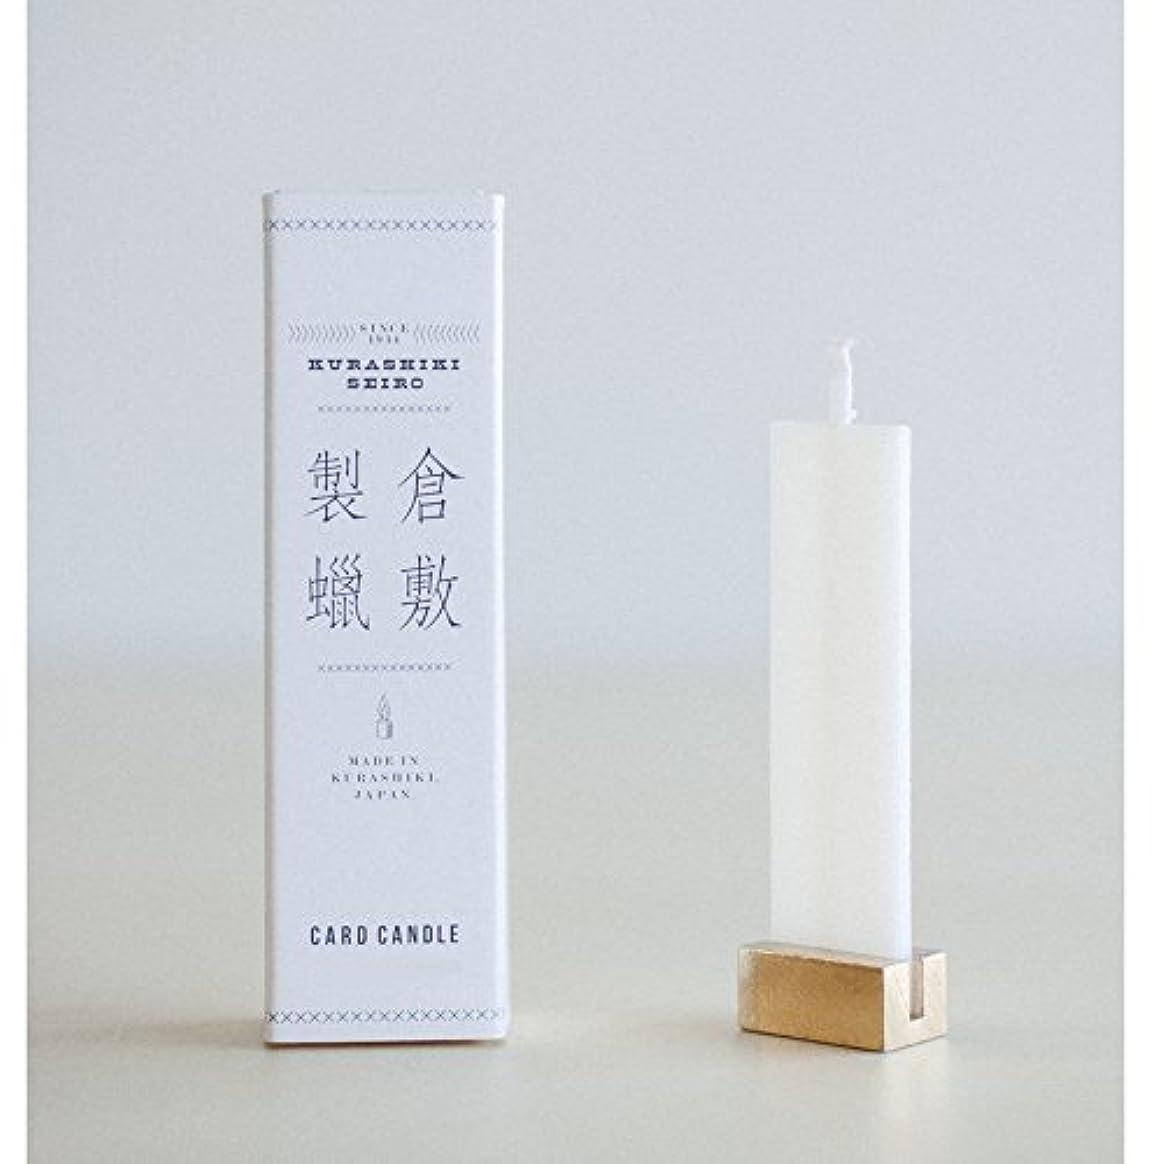 弾薬瞑想的アセンブリ倉敷製蝋 CARD CANDLE (Cassis Leaves)